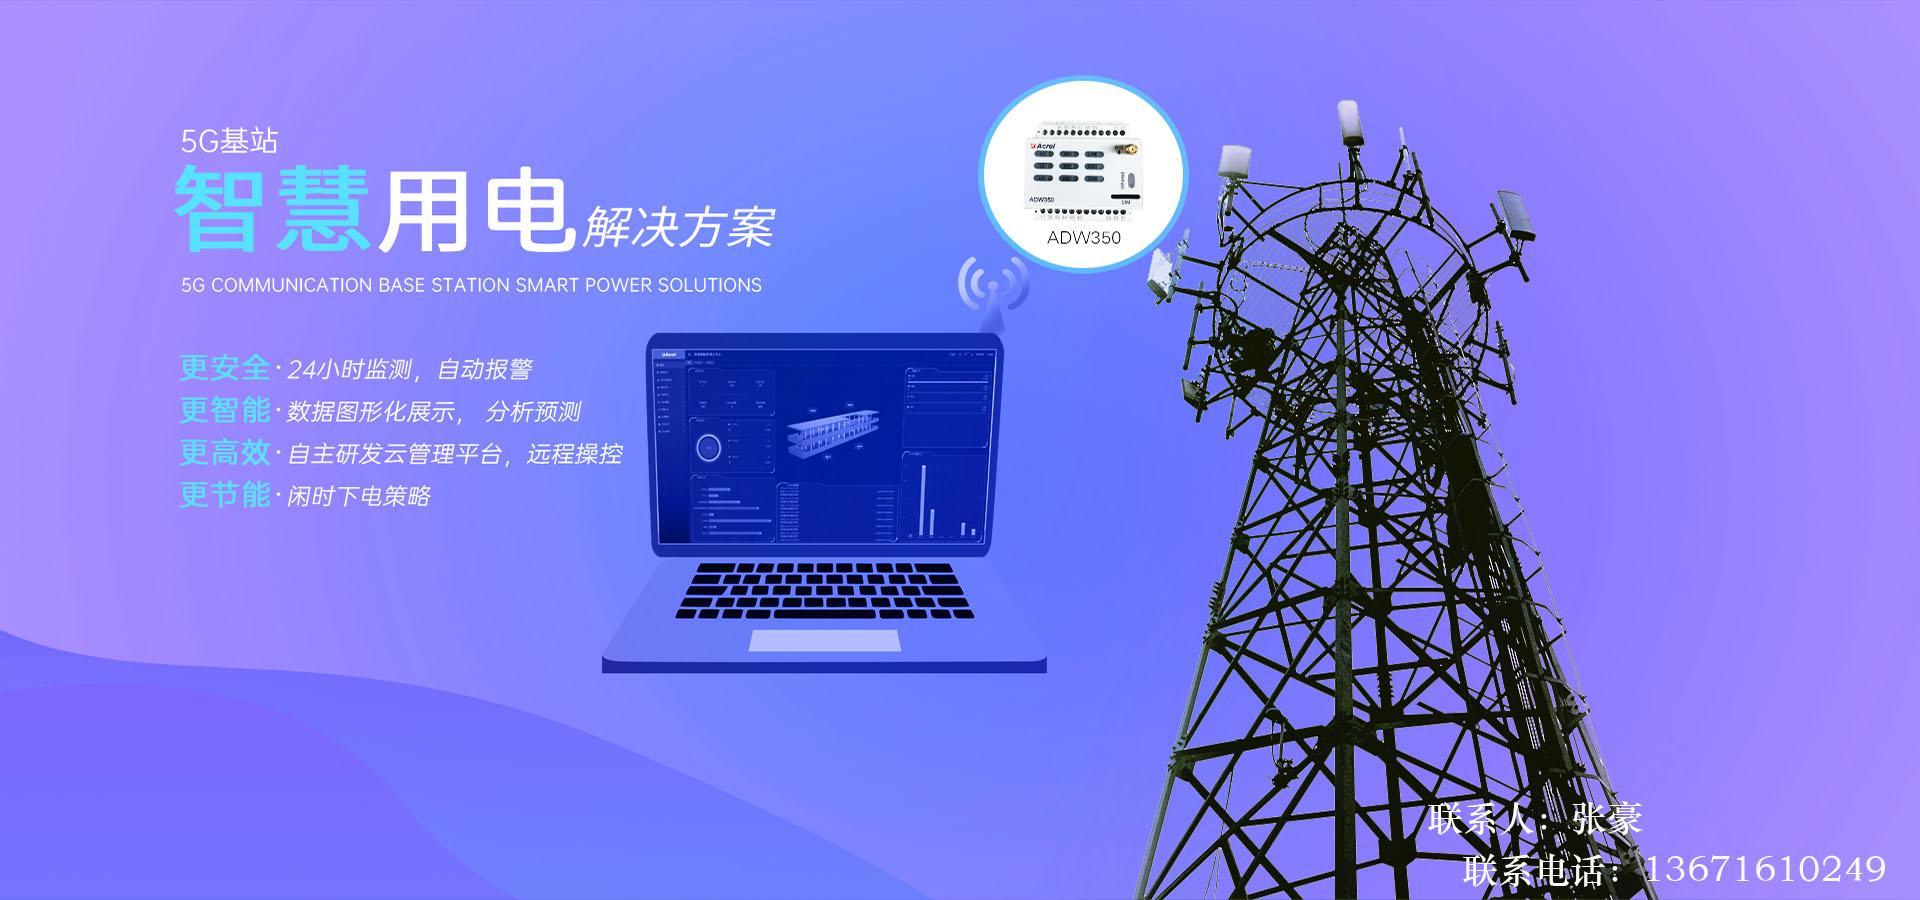 新建5G基站配电解决方案